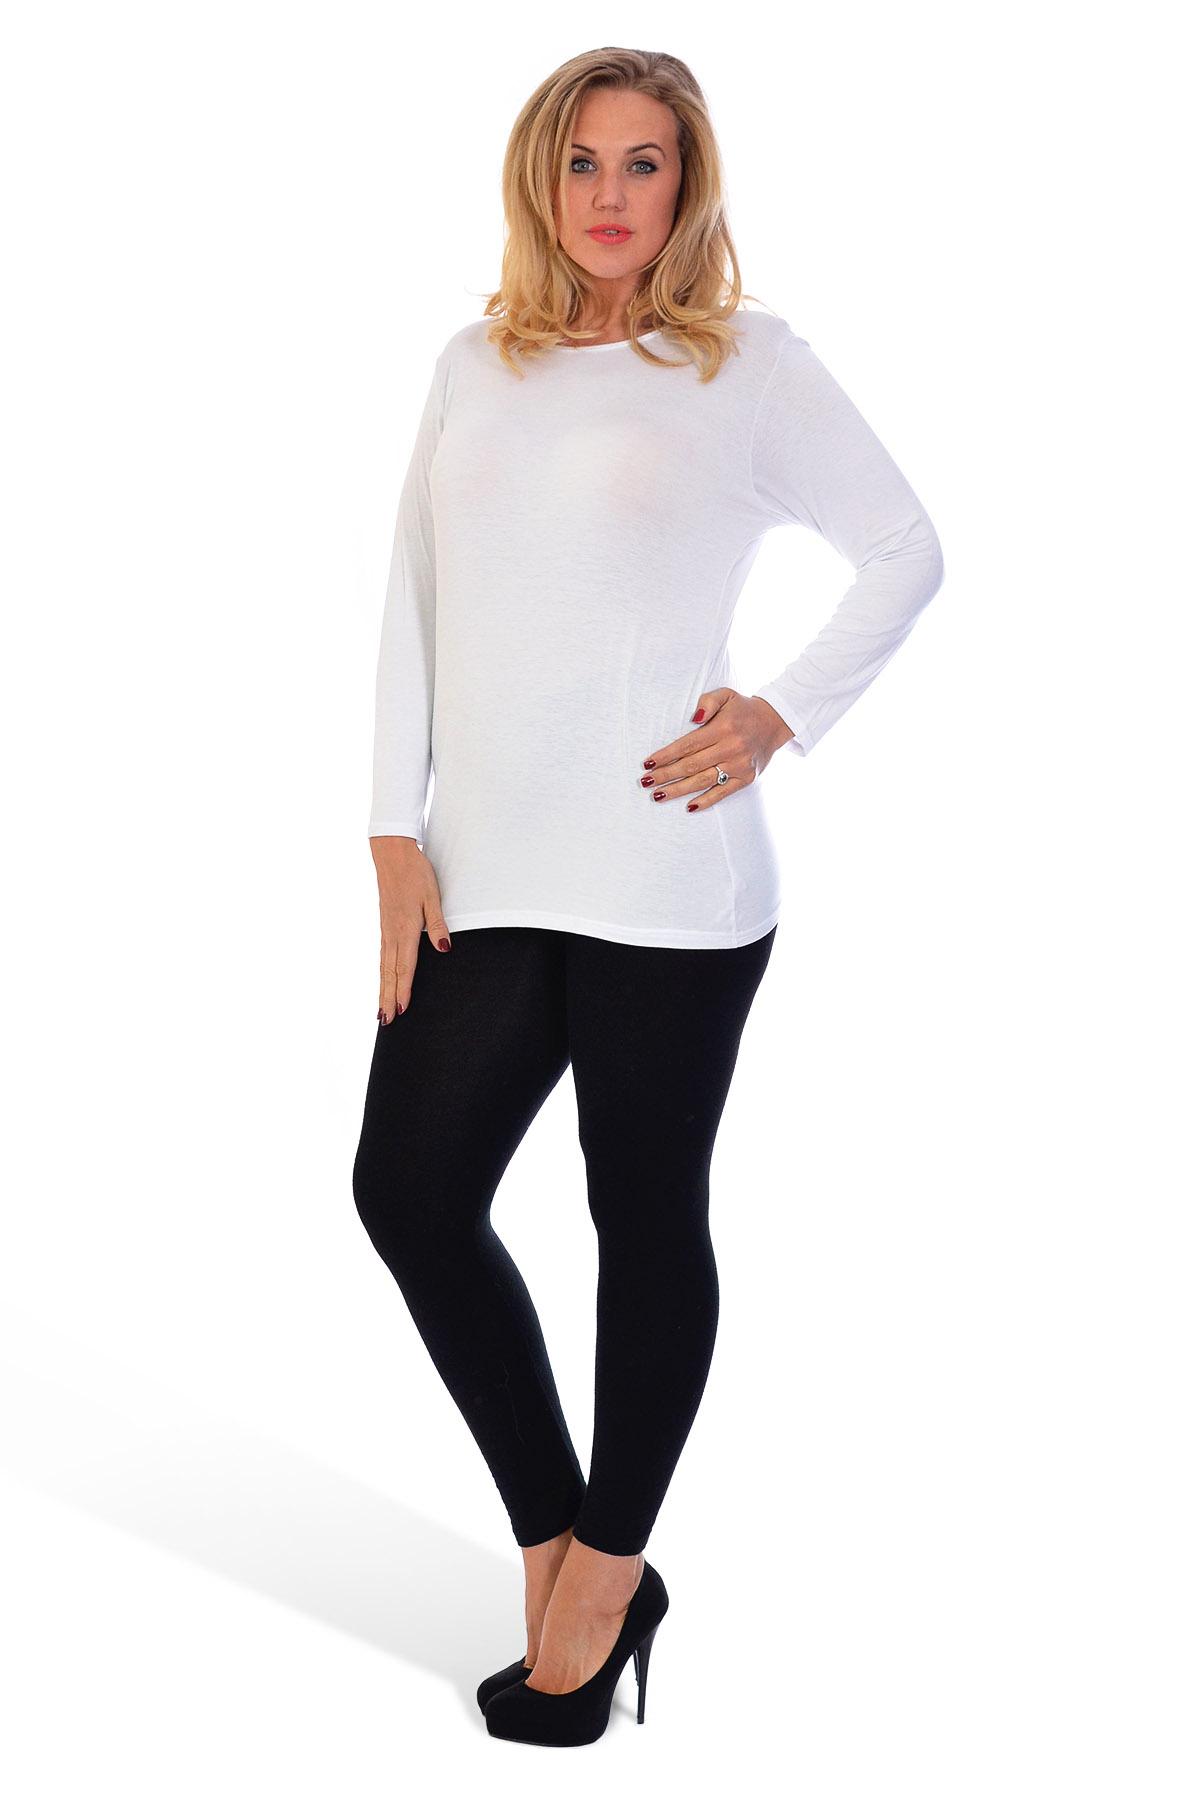 thumbnail 11 - New-Ladies-Plus-Size-T-Shirt-Womens-Top-Plain-Long-Sleeve-Basic-Nouvelle